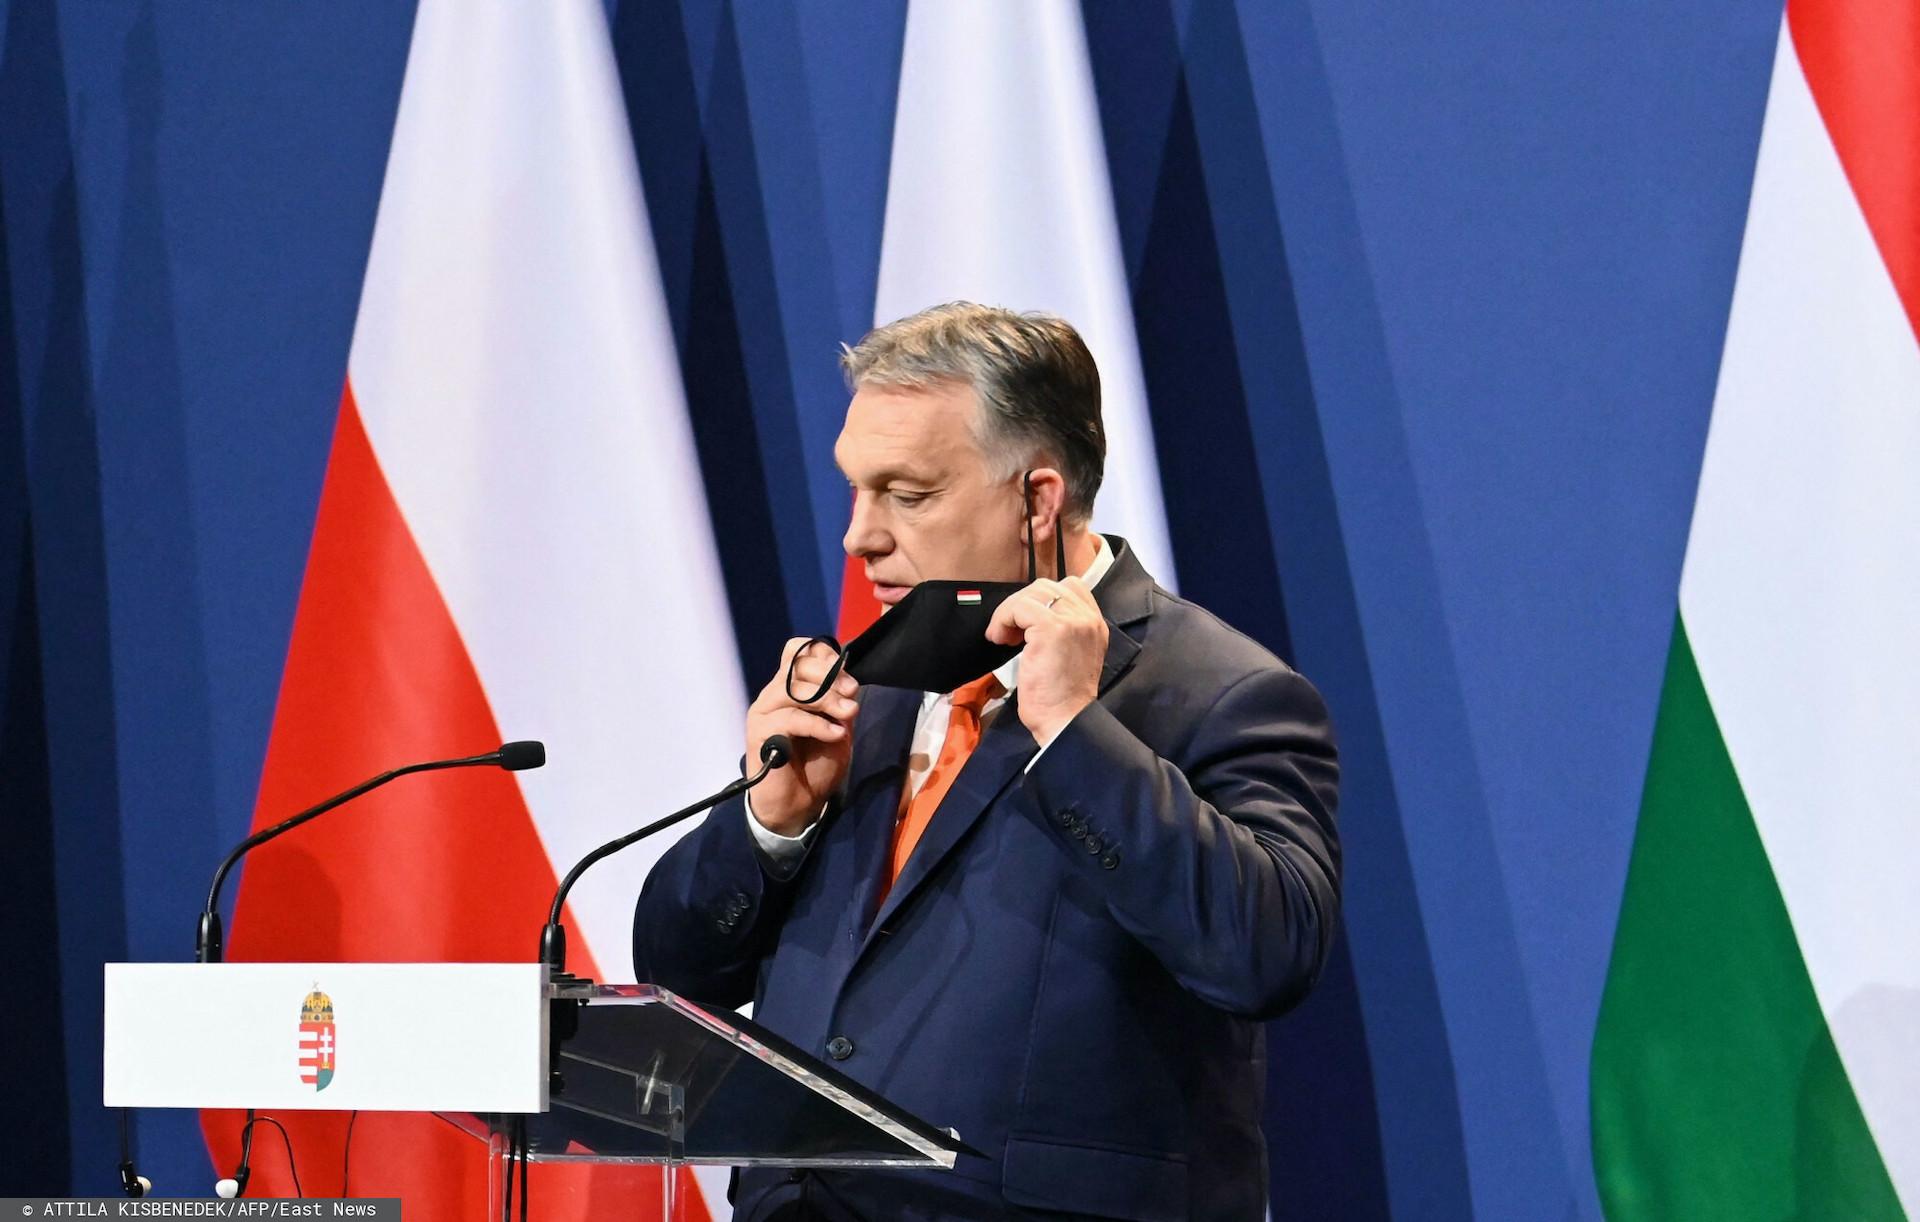 Ujawniono, że Victor Orban inwigilował dziennikarzy przy użyciu oprogramowania szpiegowskiego Pegasus